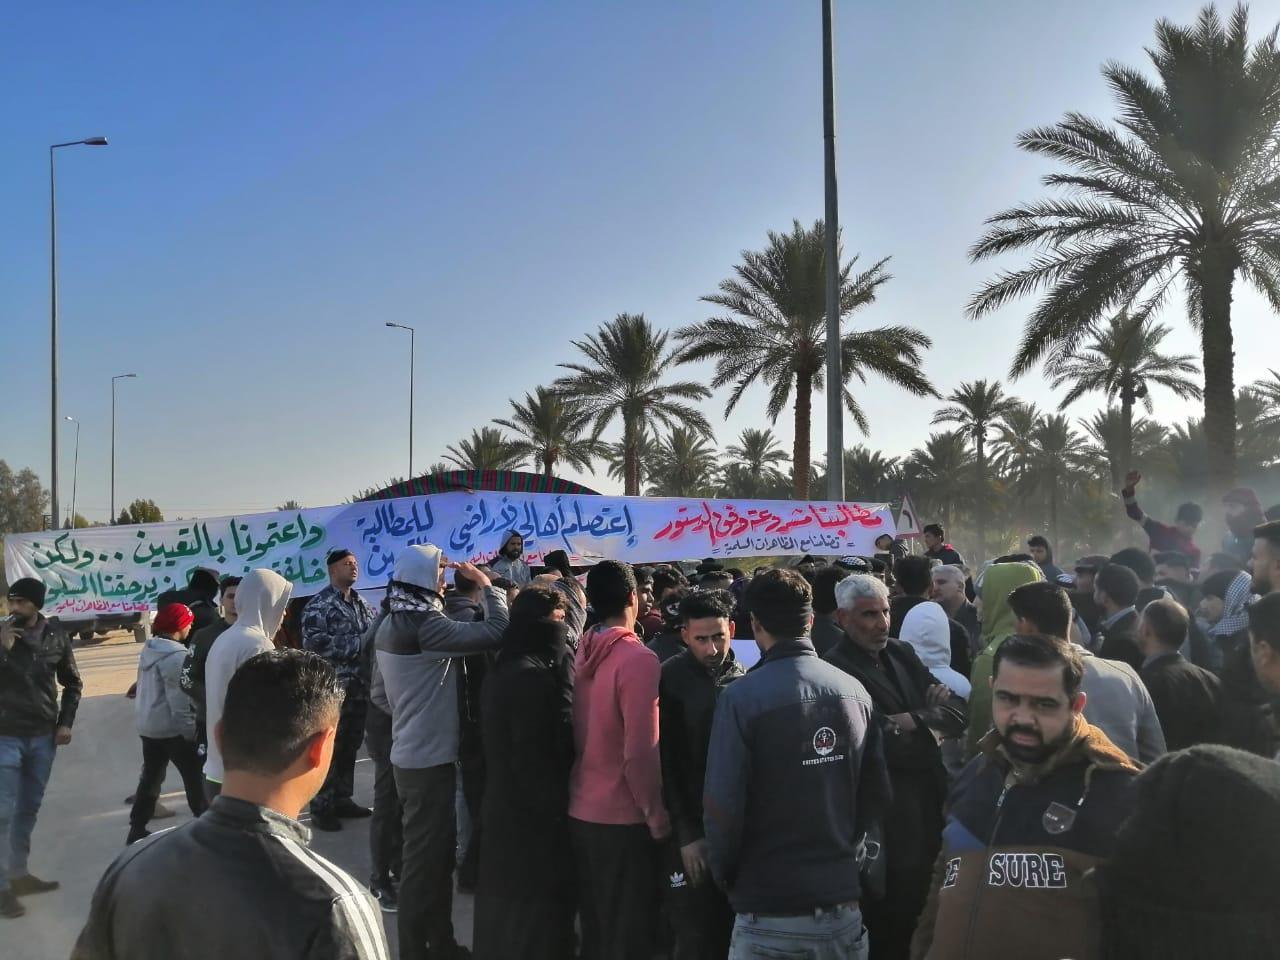 محتجون يغلقون ميناء بالبصرة ويحتجزون موظفين باغلاق محطة كهرباء في كربلاء